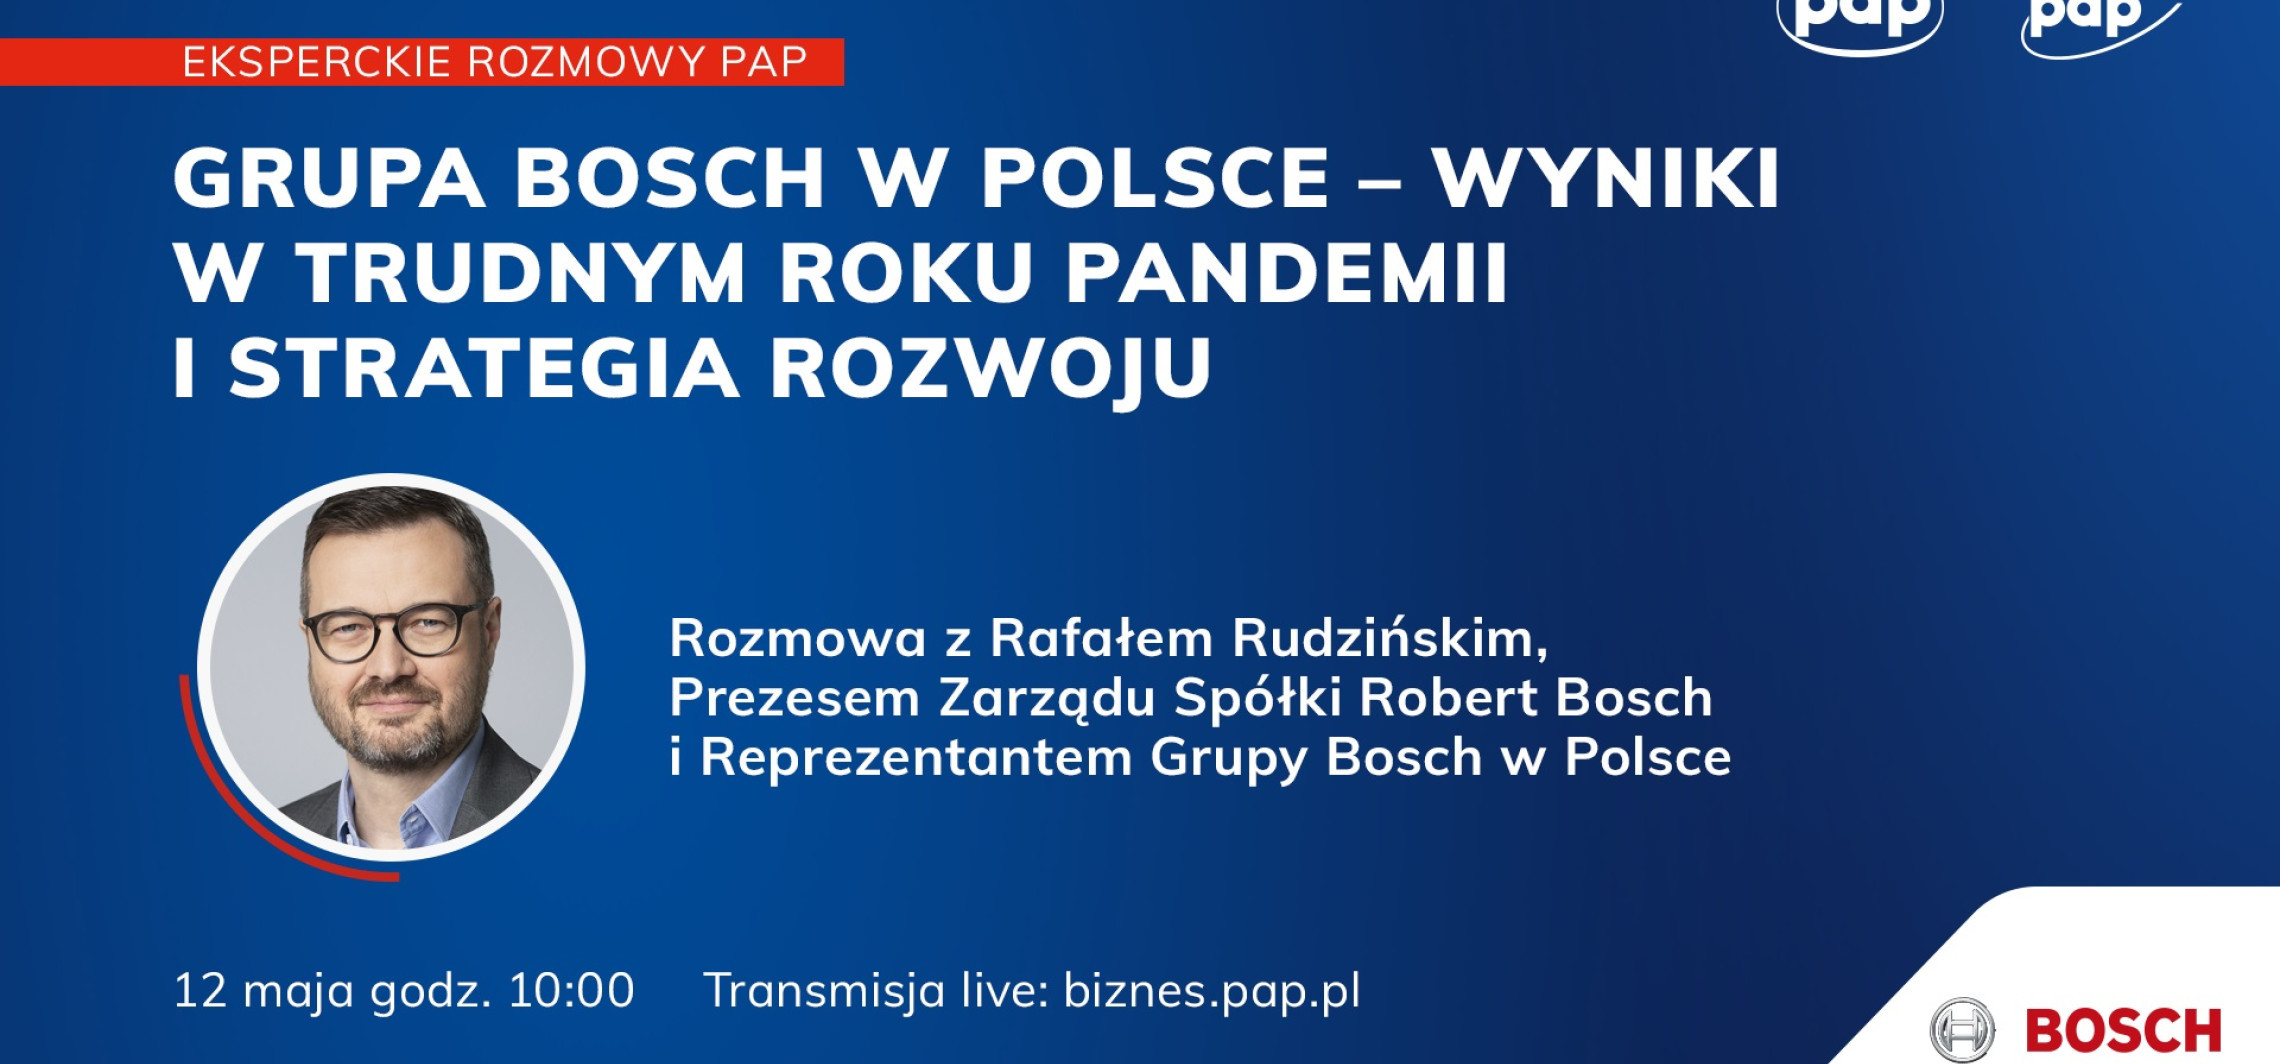 Kraj - Grupa Bosch w Polsce - wyniki w trudnym roku pandemii i strategia rozwoju